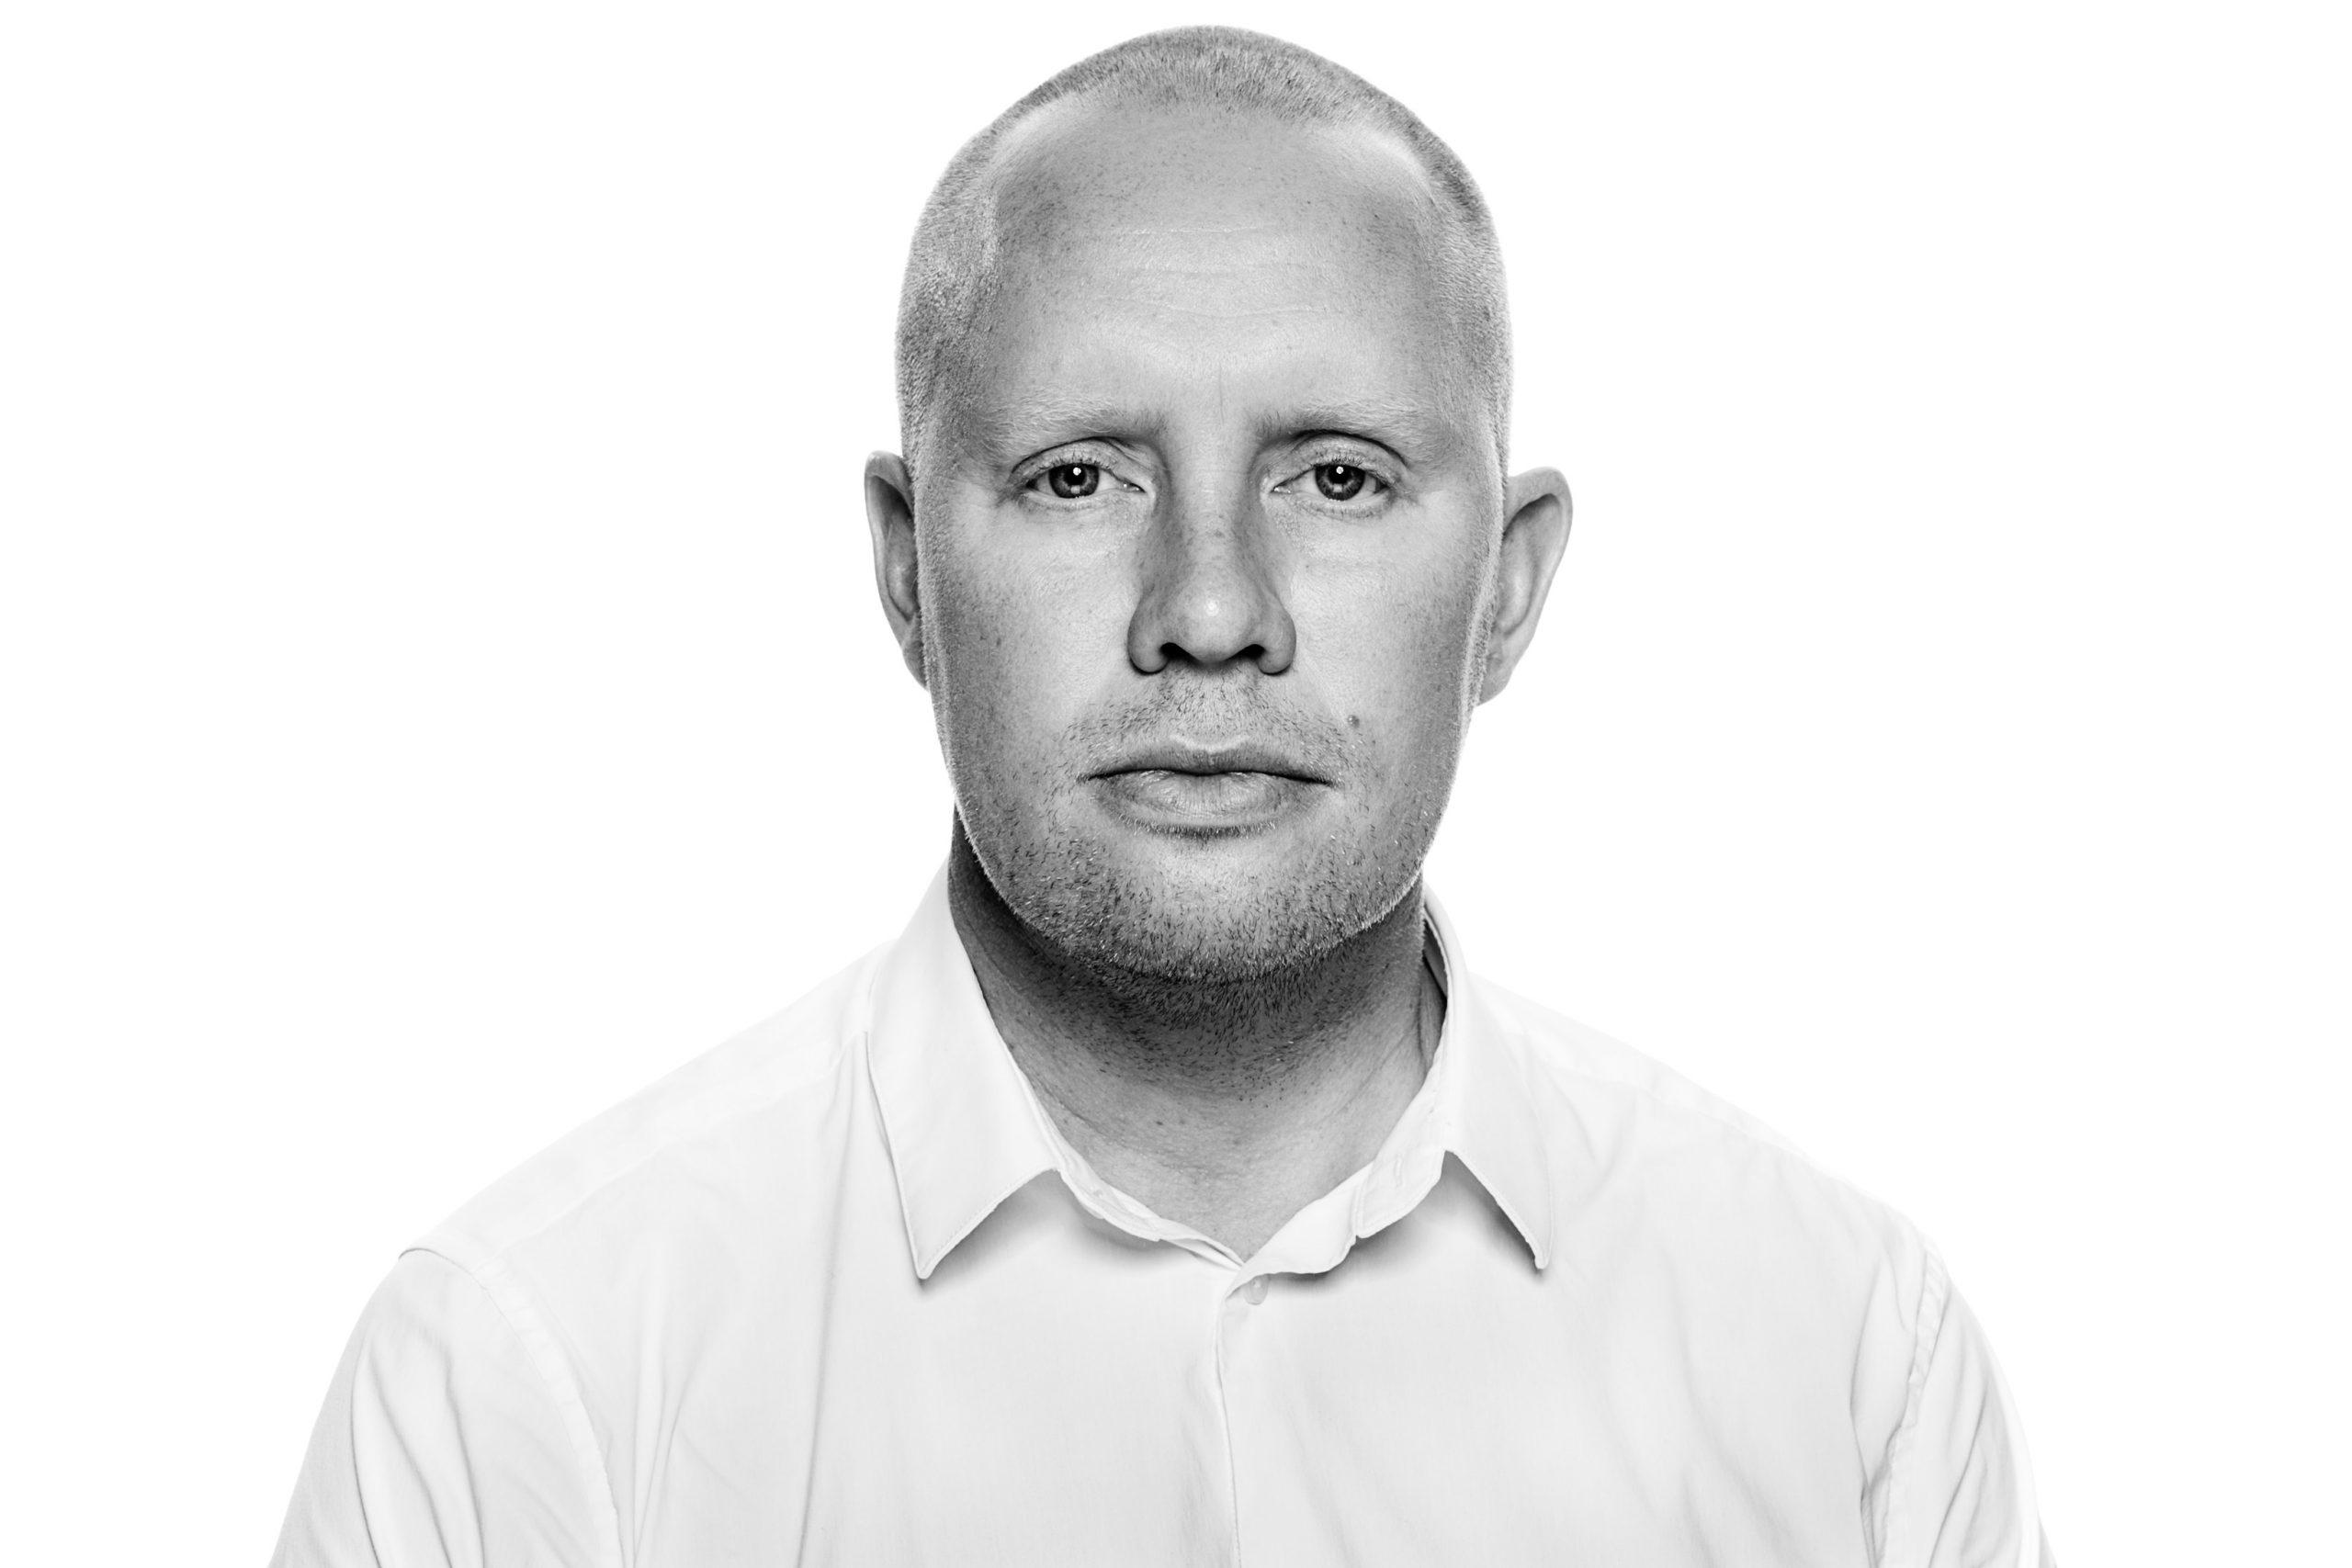 Torsdag fik Steffen en udsættelse på aktindsigt - stik imod ombudsmandens udtalelse fra onsdag